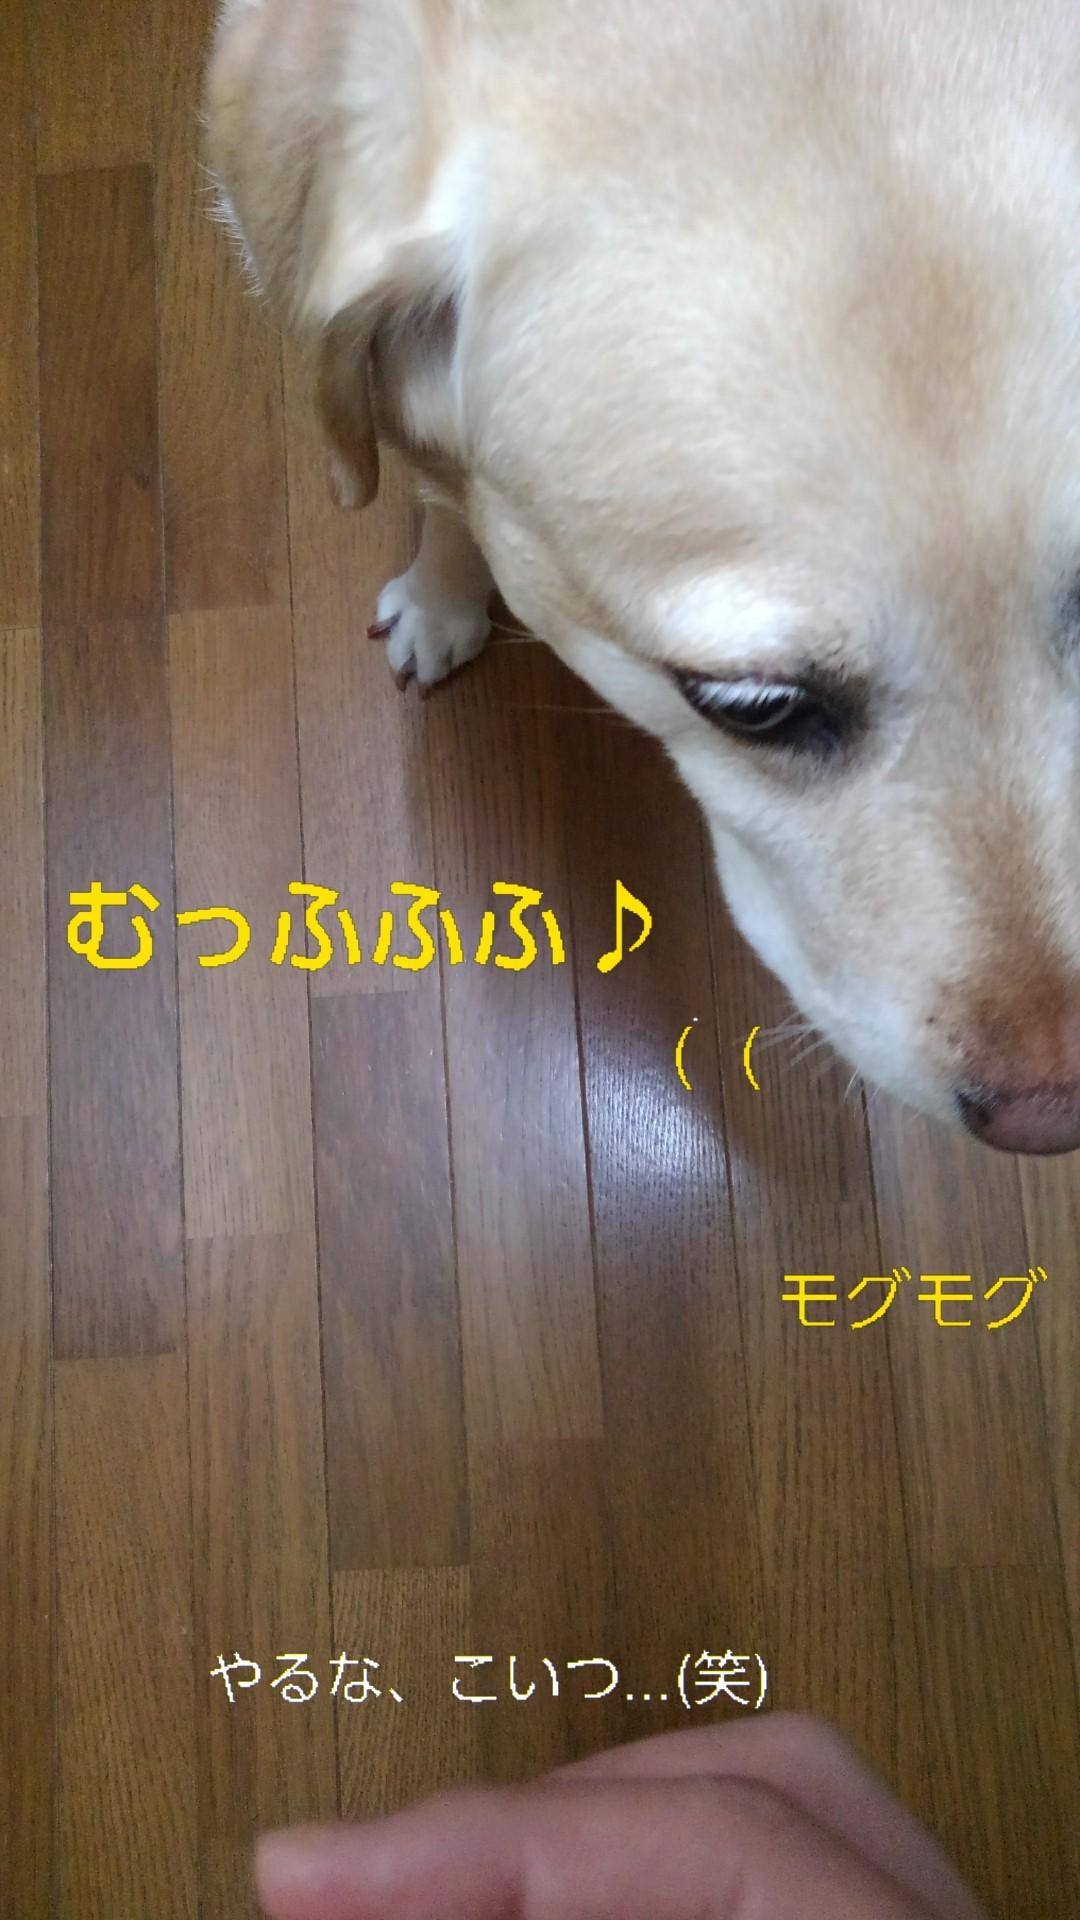 メリー、半田素麺の「コシ」を重要視する_b0339522_10045762.jpg